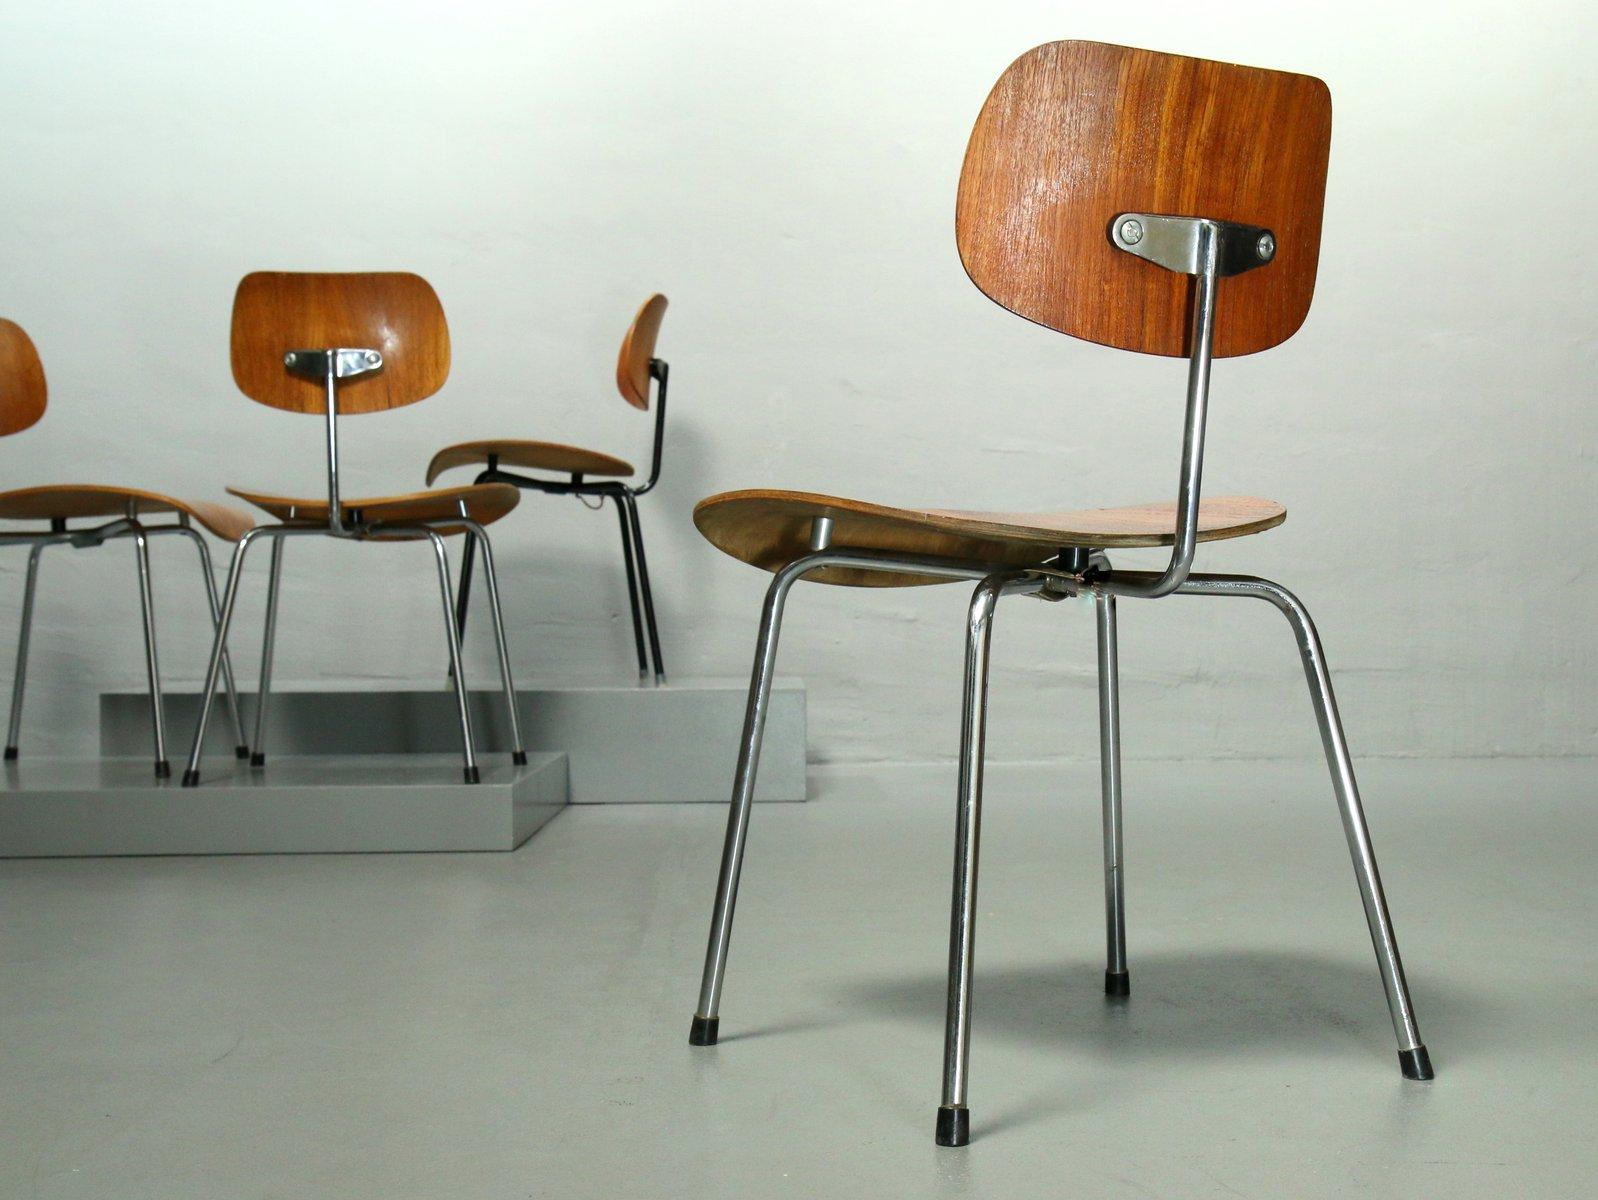 se 68 teak stuhl von egon eiermann f r wilde spieth. Black Bedroom Furniture Sets. Home Design Ideas